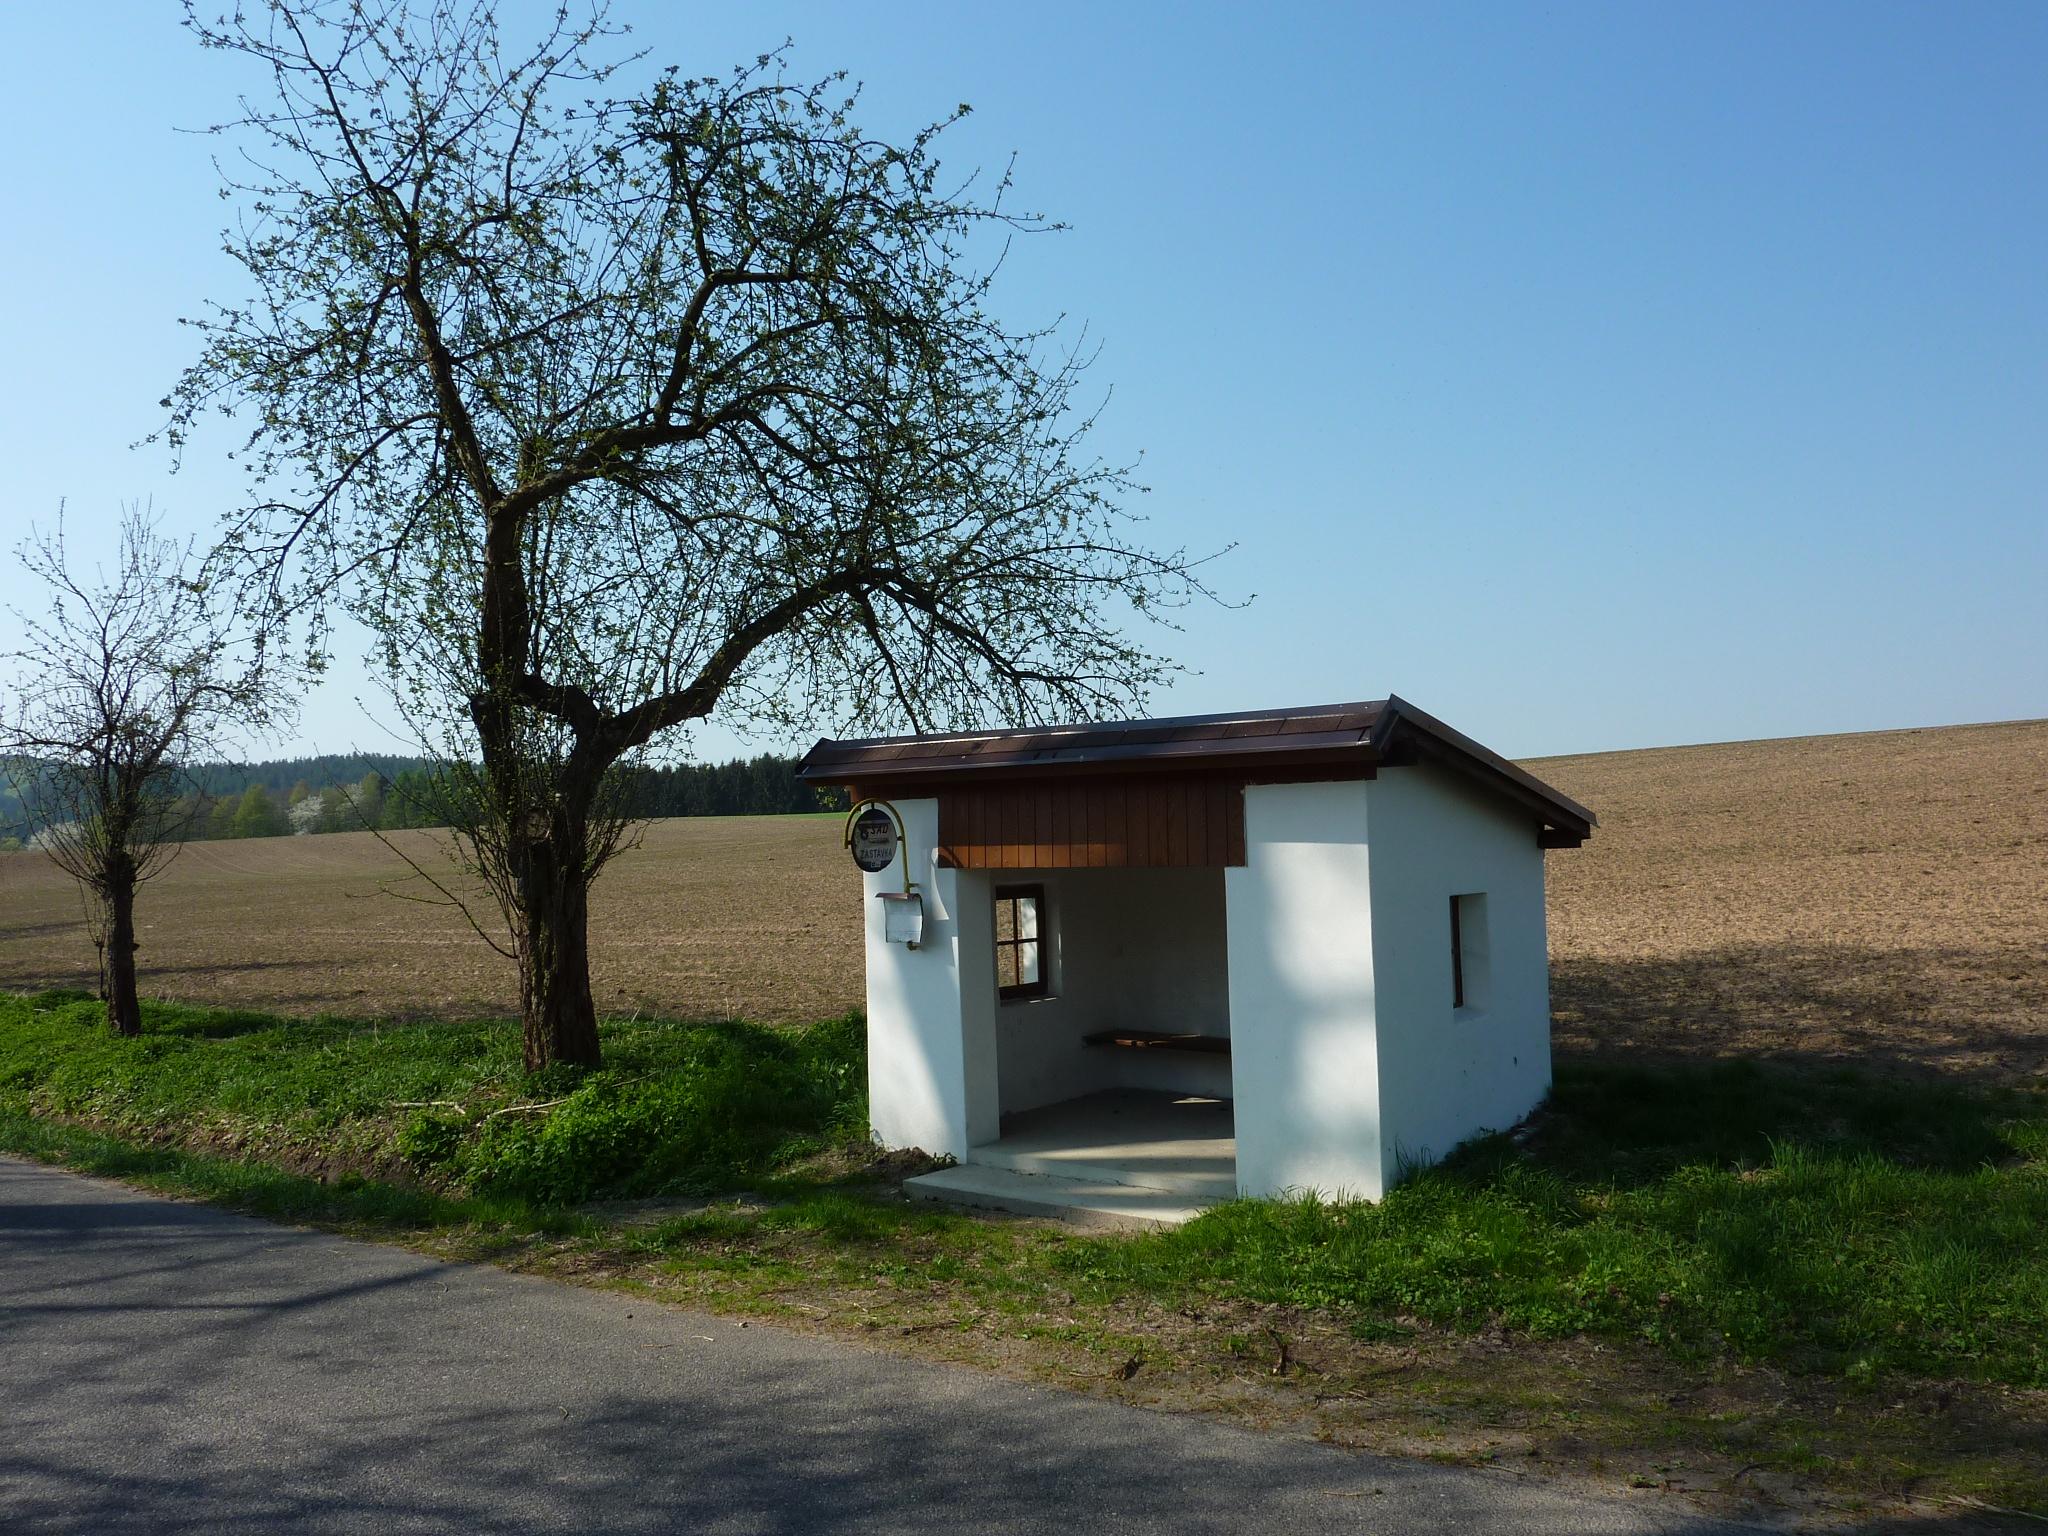 u Skalan v Českém ráji, 23.4.2011